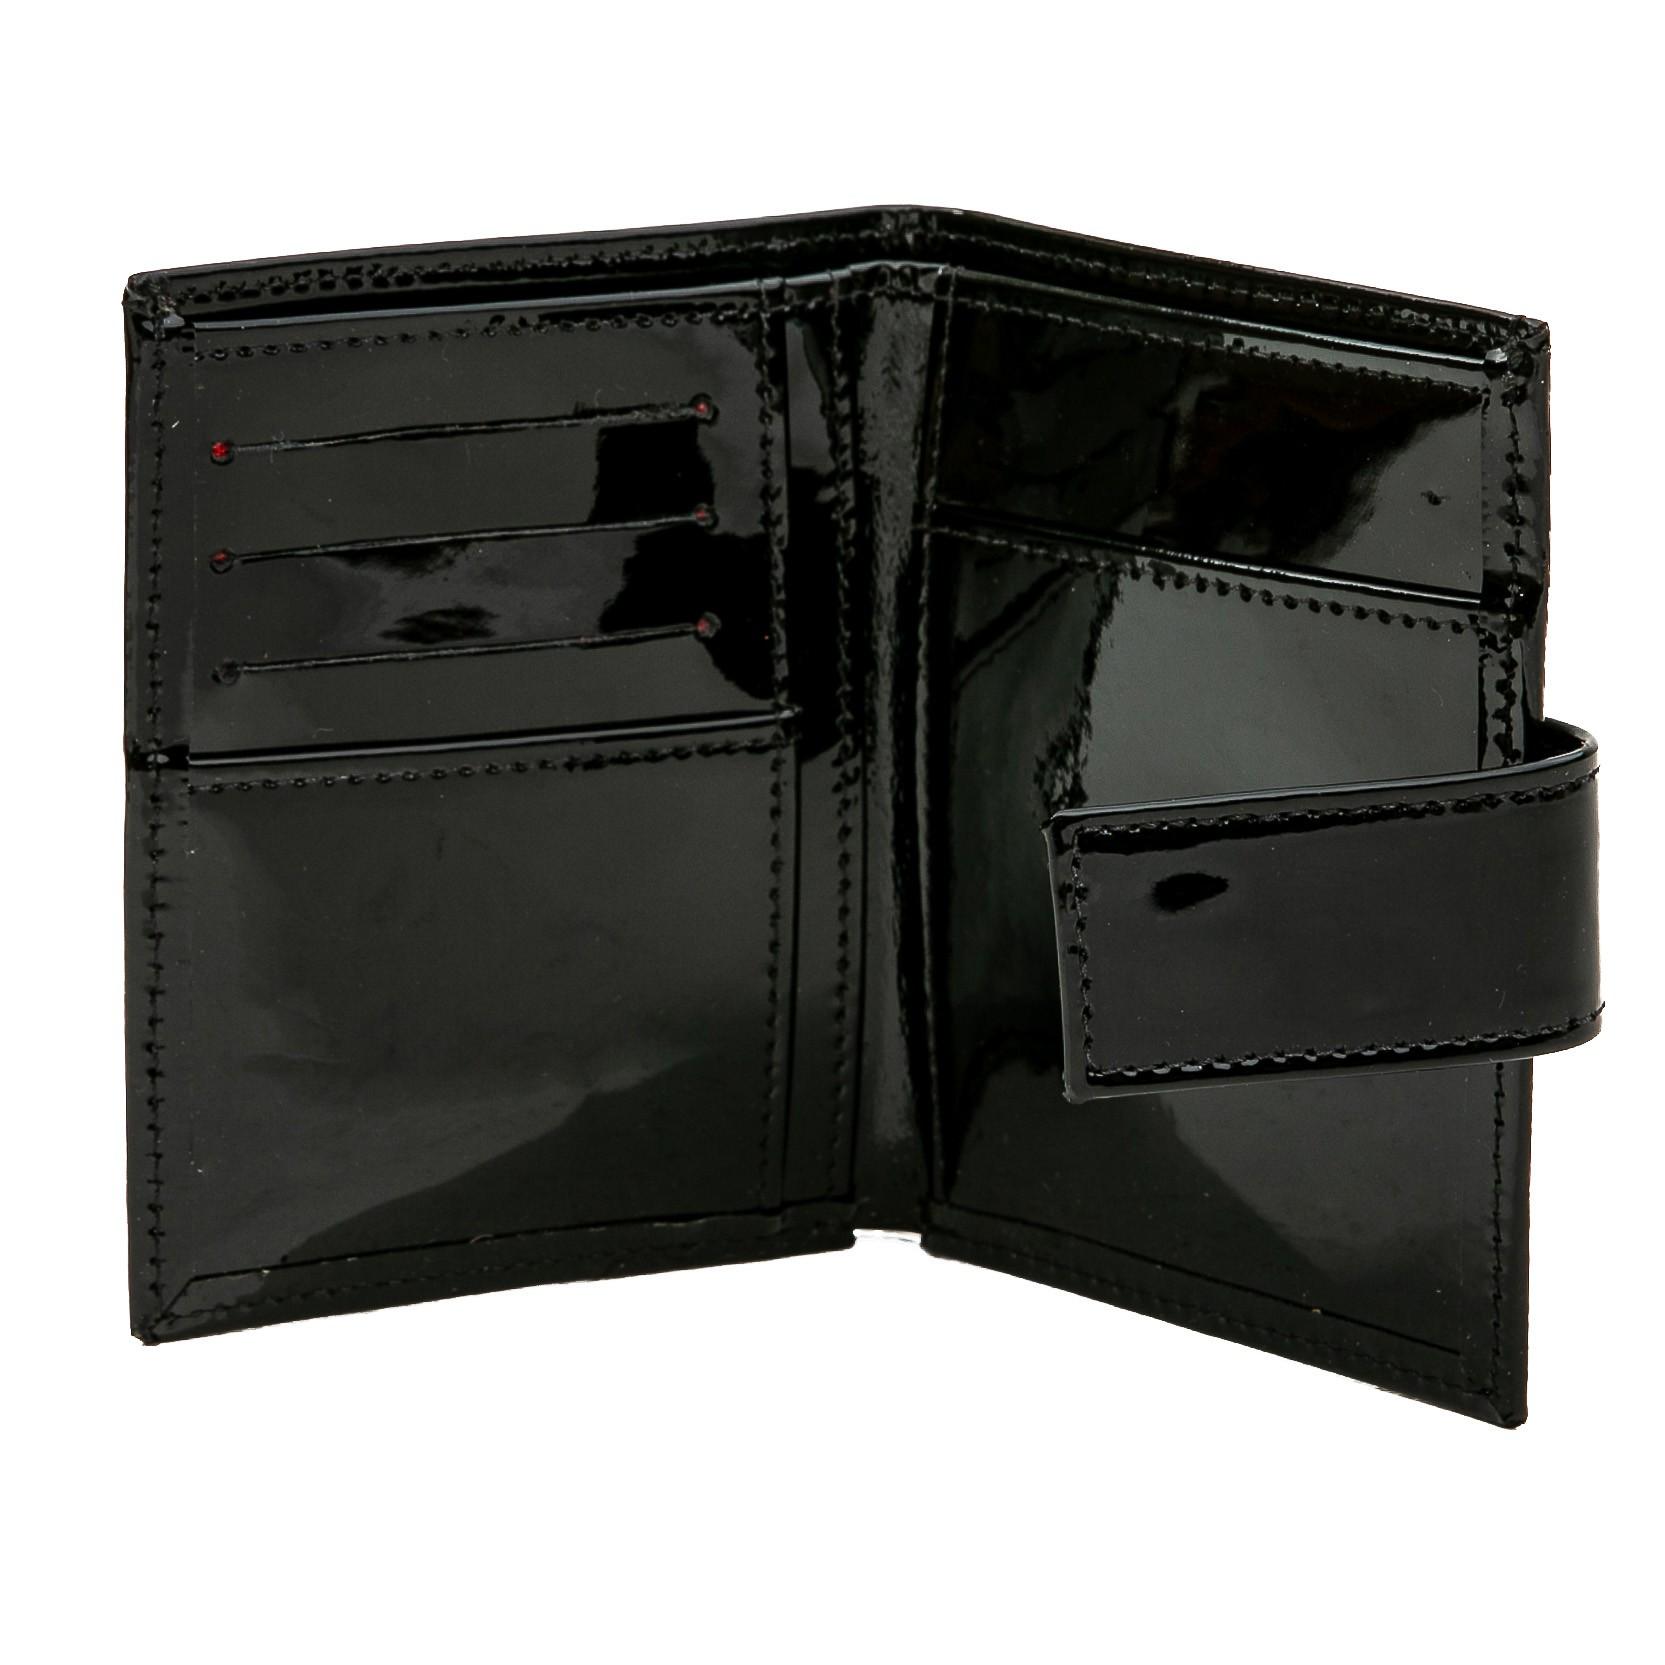 Carteira porta documentos couro verniz preta